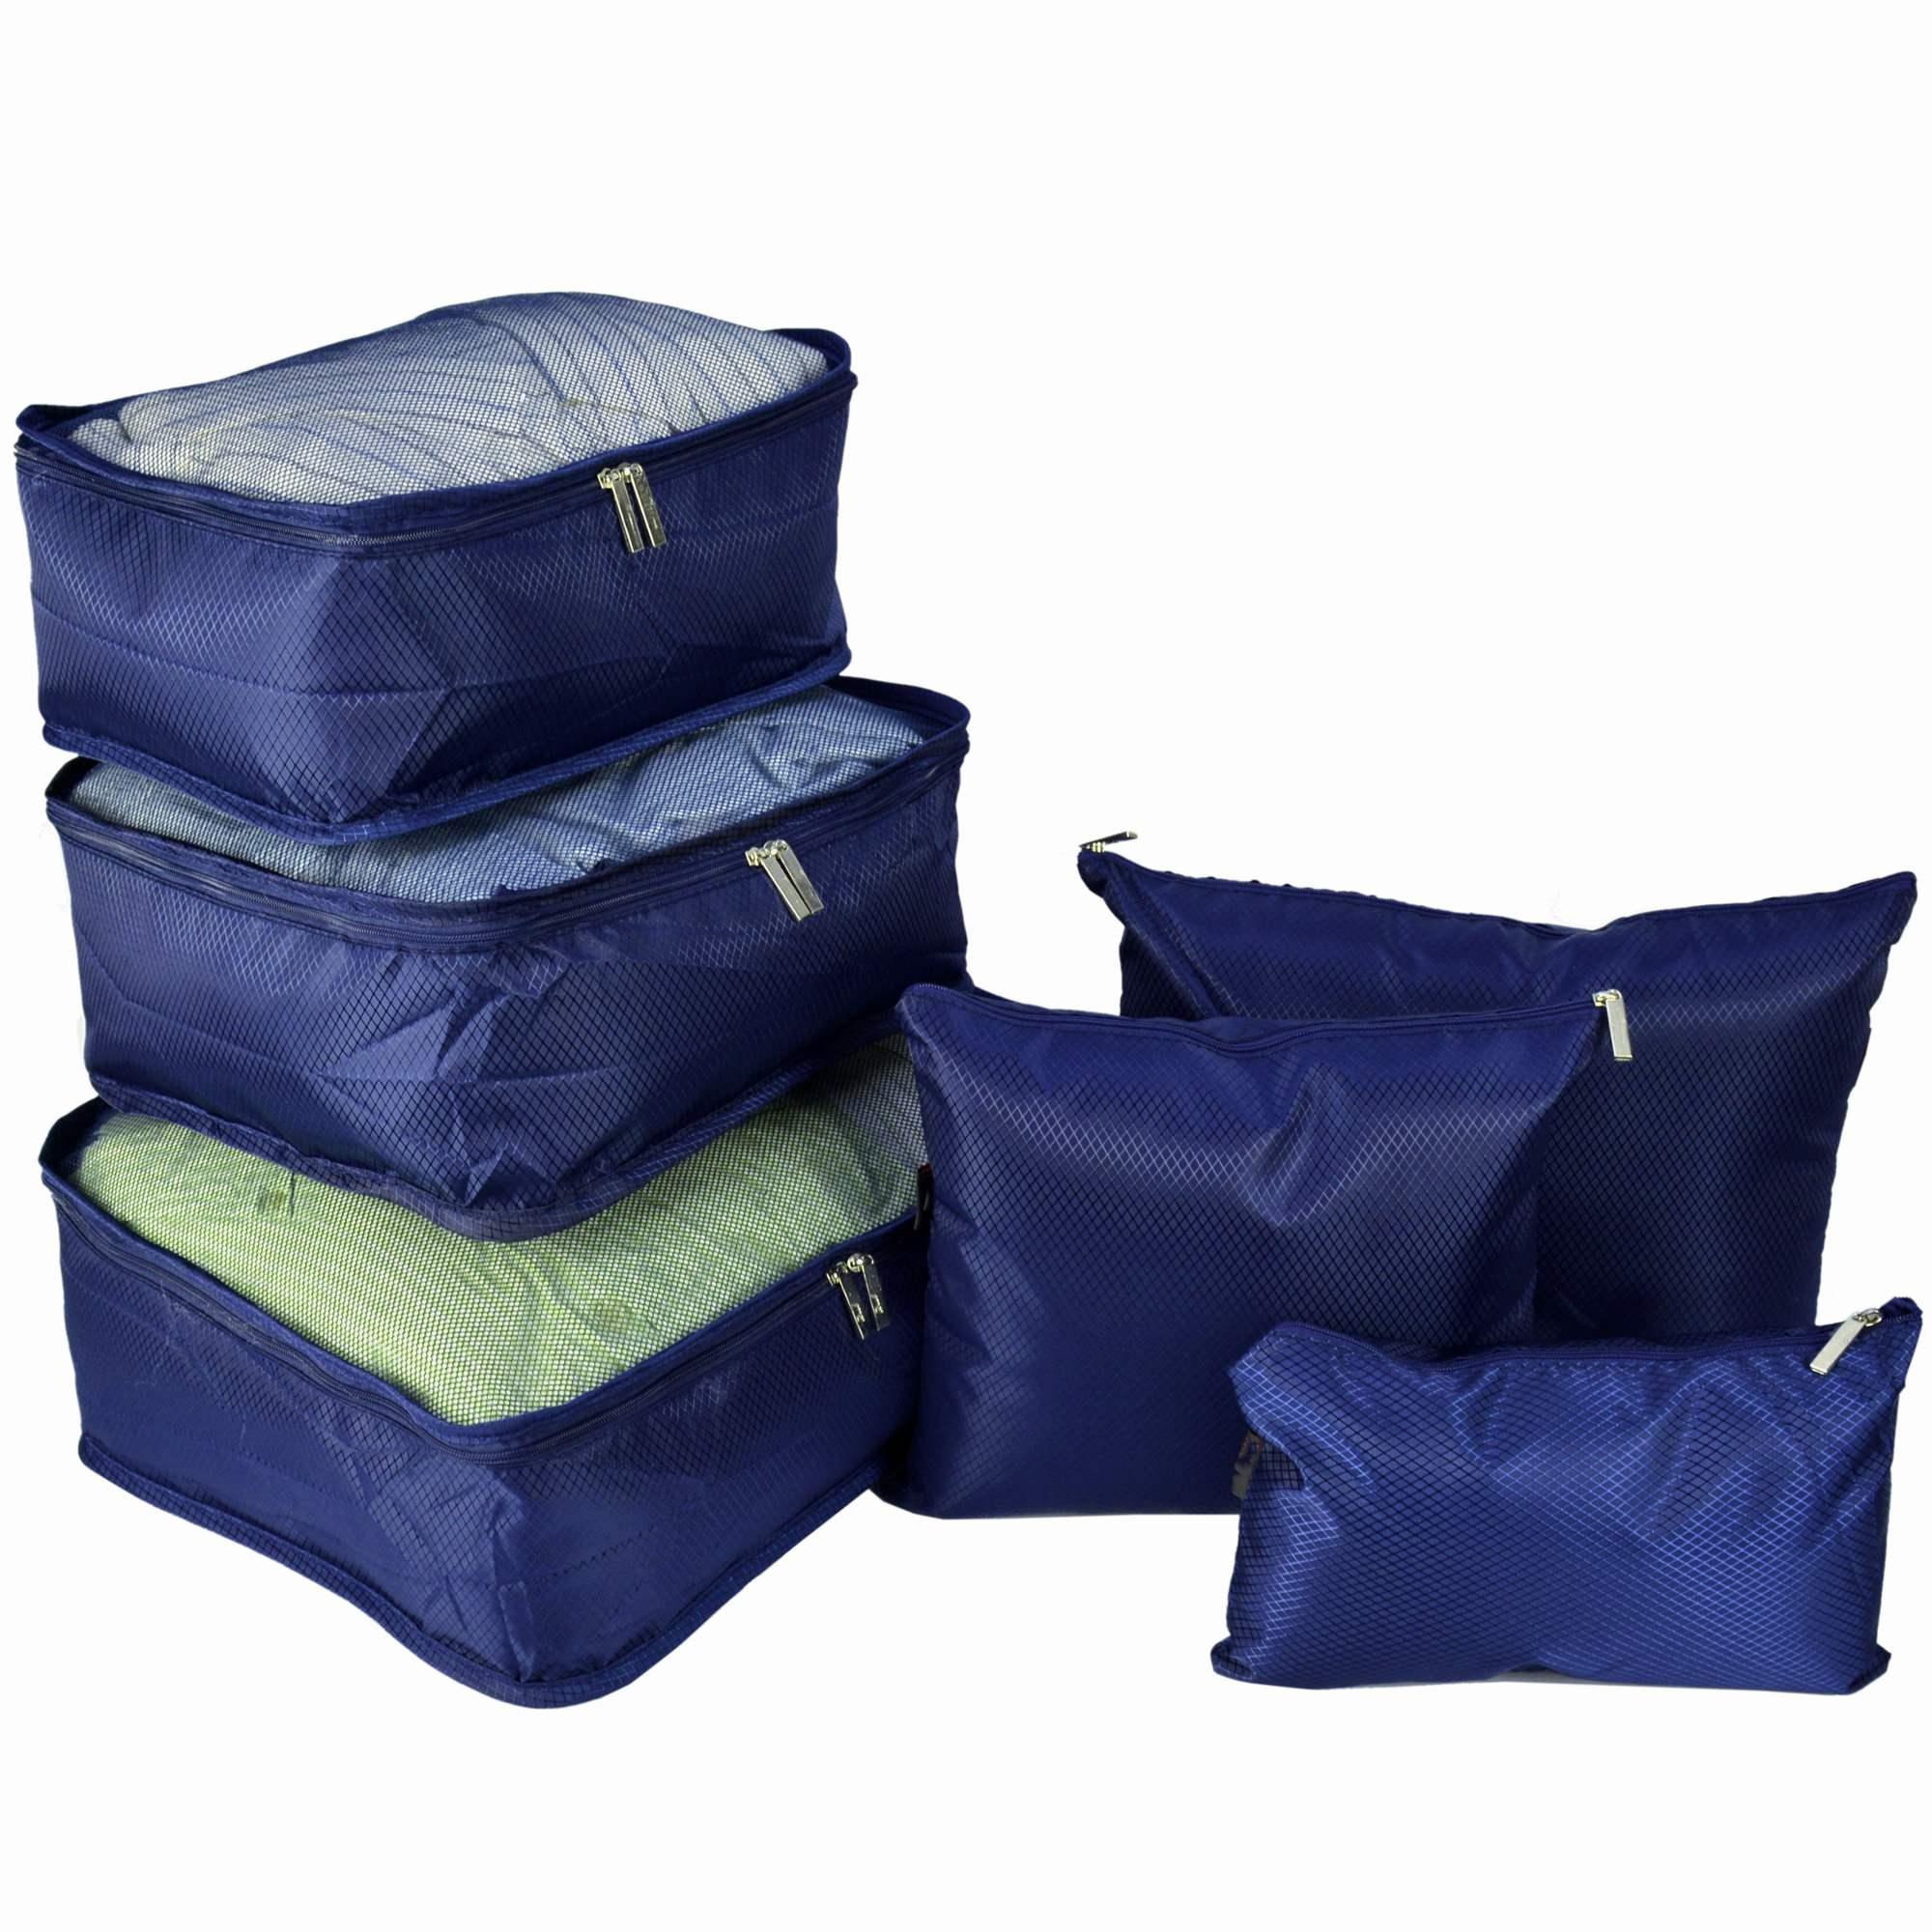 Organizador de Mala Viagem Necessaire Kit 6 Peças Azul Marinho CBRN12732